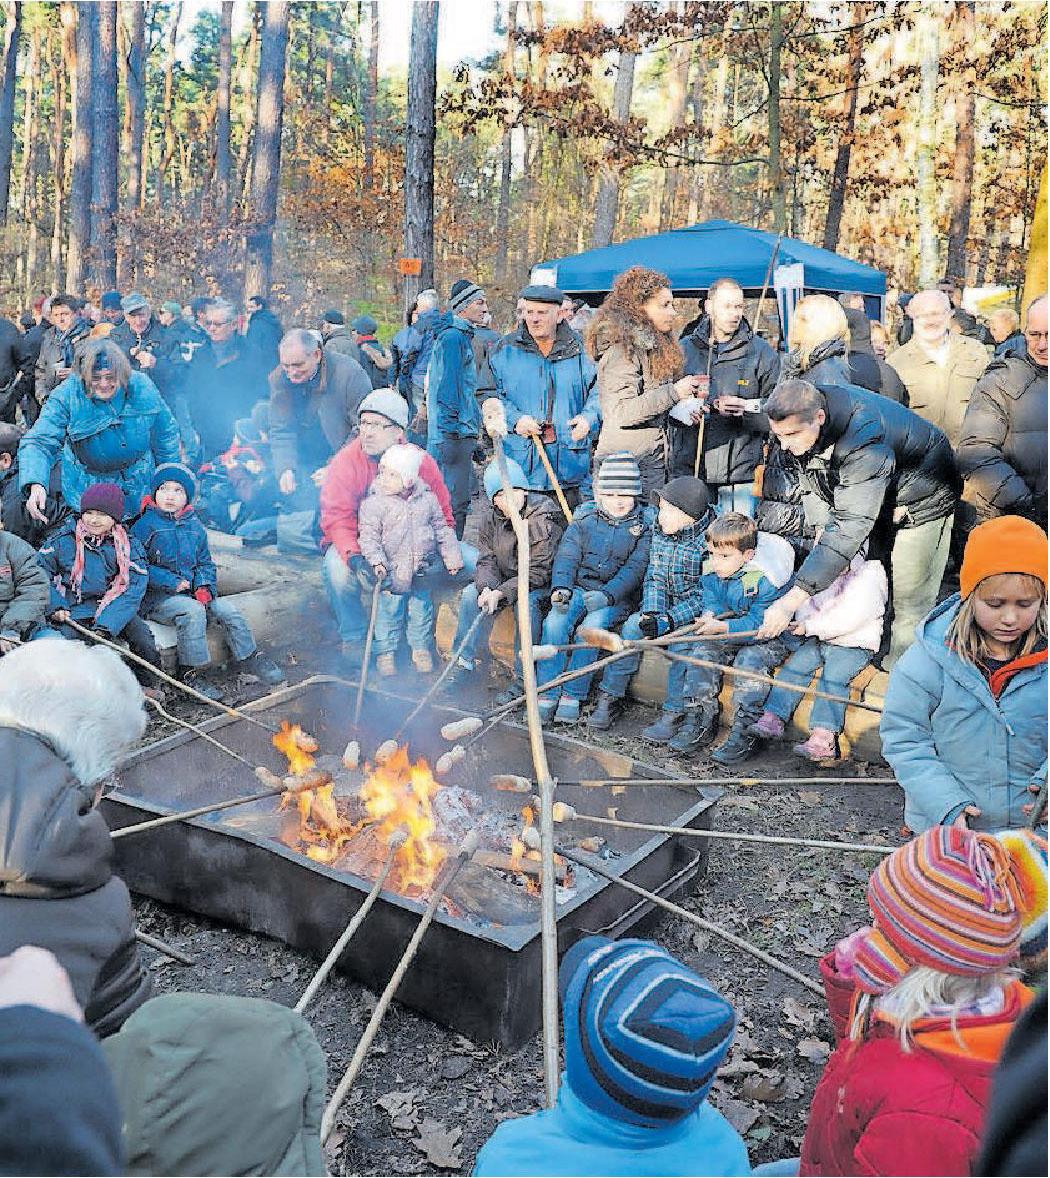 Anziehungspunkt für Menschen aus der ganzen Region: der Weihnachtswaldbasar mit Stockbrot vom Grill. ARCHIVFOTO: LENZ